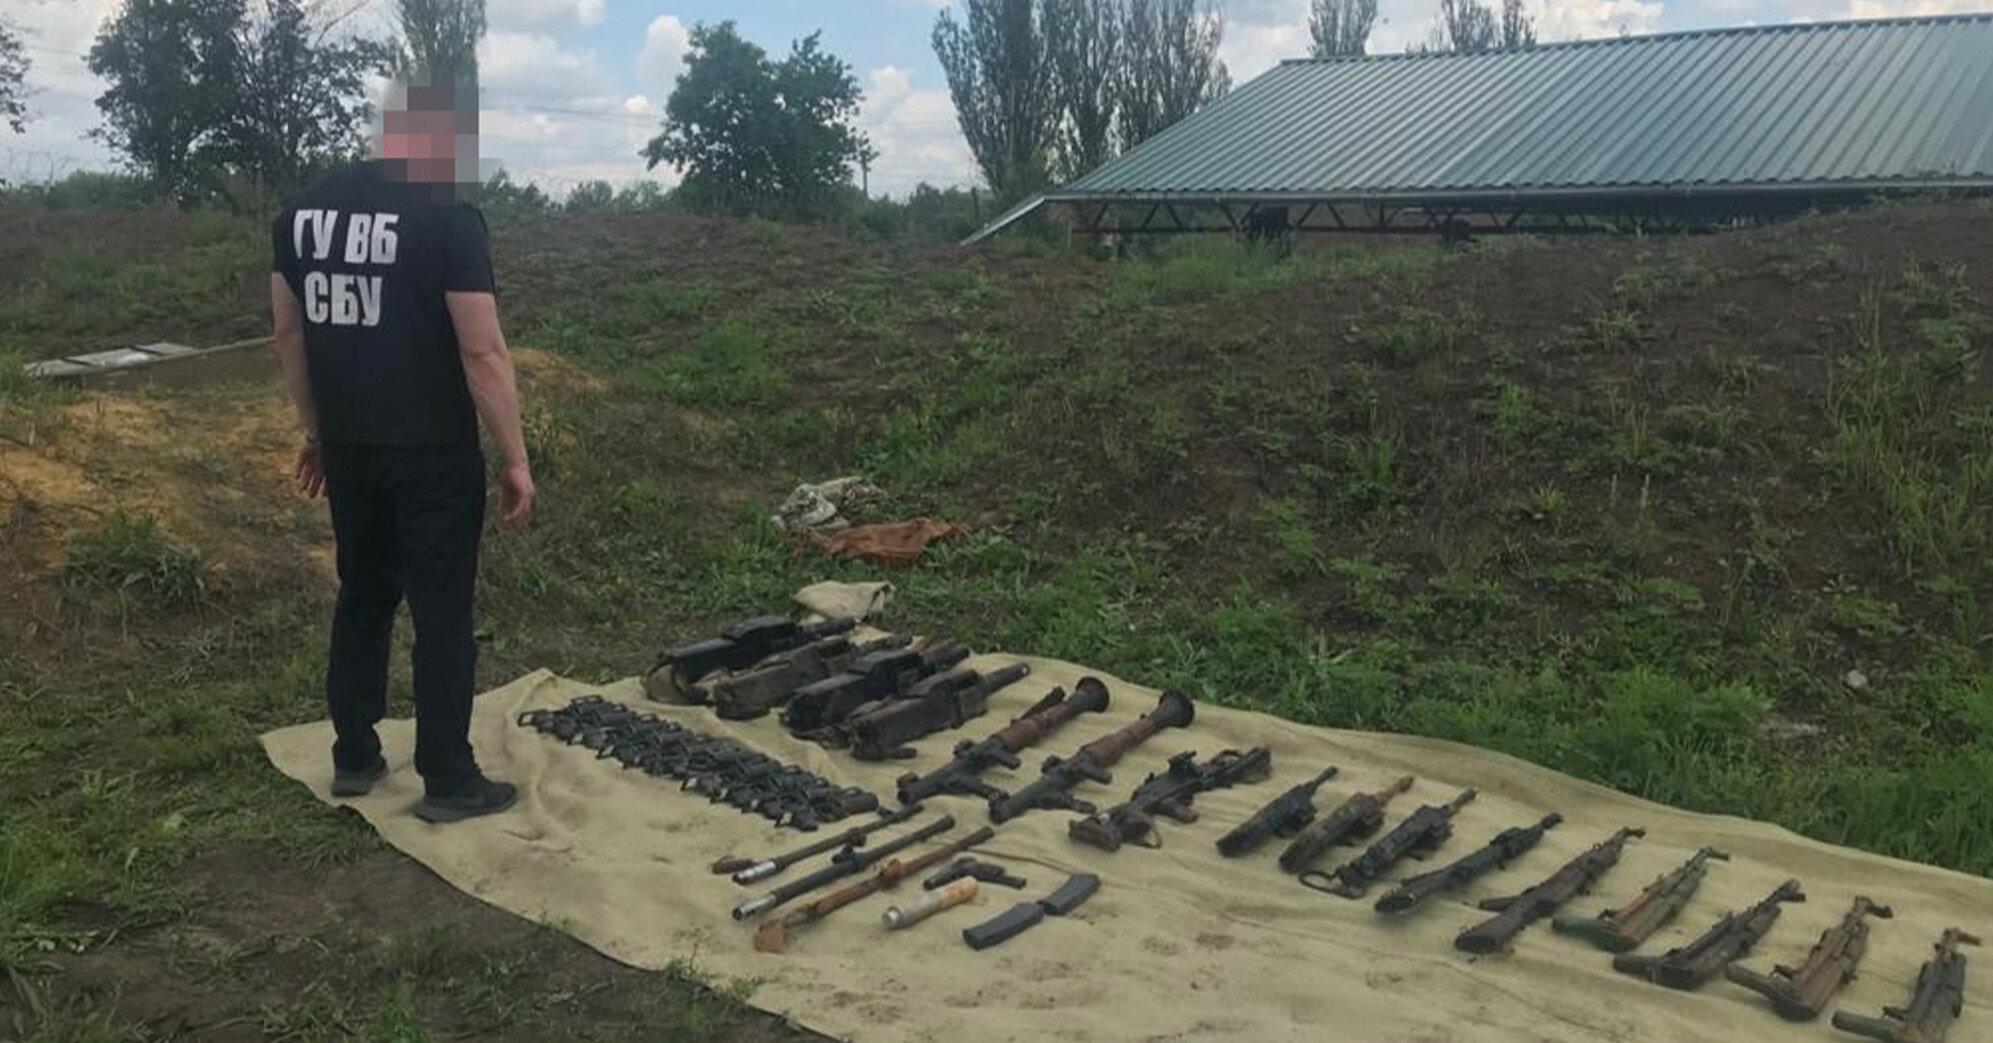 Военнослужащие хотели похитить оружие из военной части ВСУ